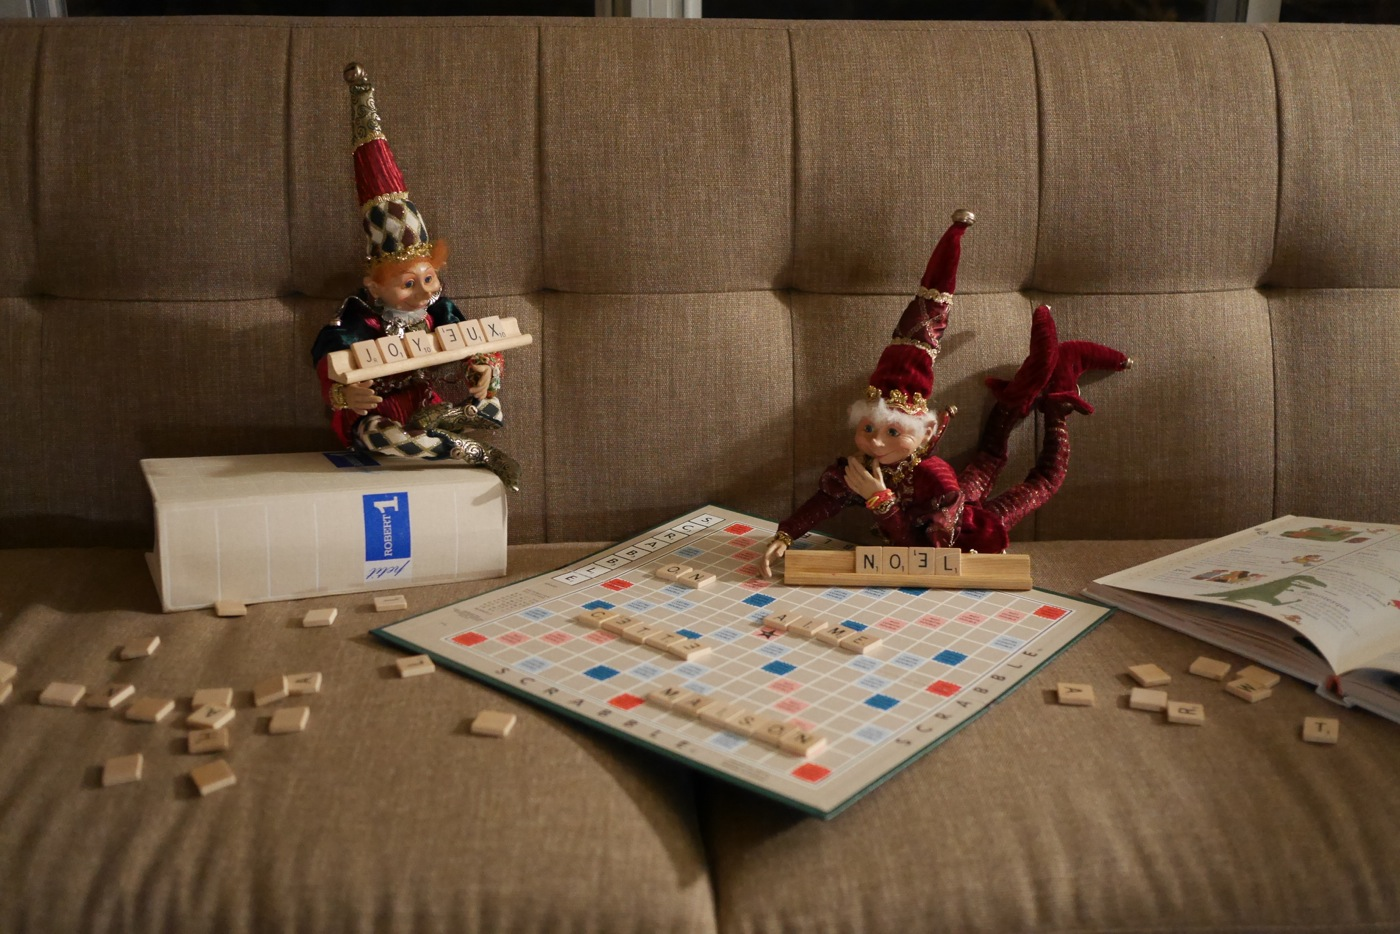 Nous ont-ils vu jouer au Scrabble jour-là? Le soir, ils ont ressorti le jeu, et utilisé les lettres pour laisser un message.